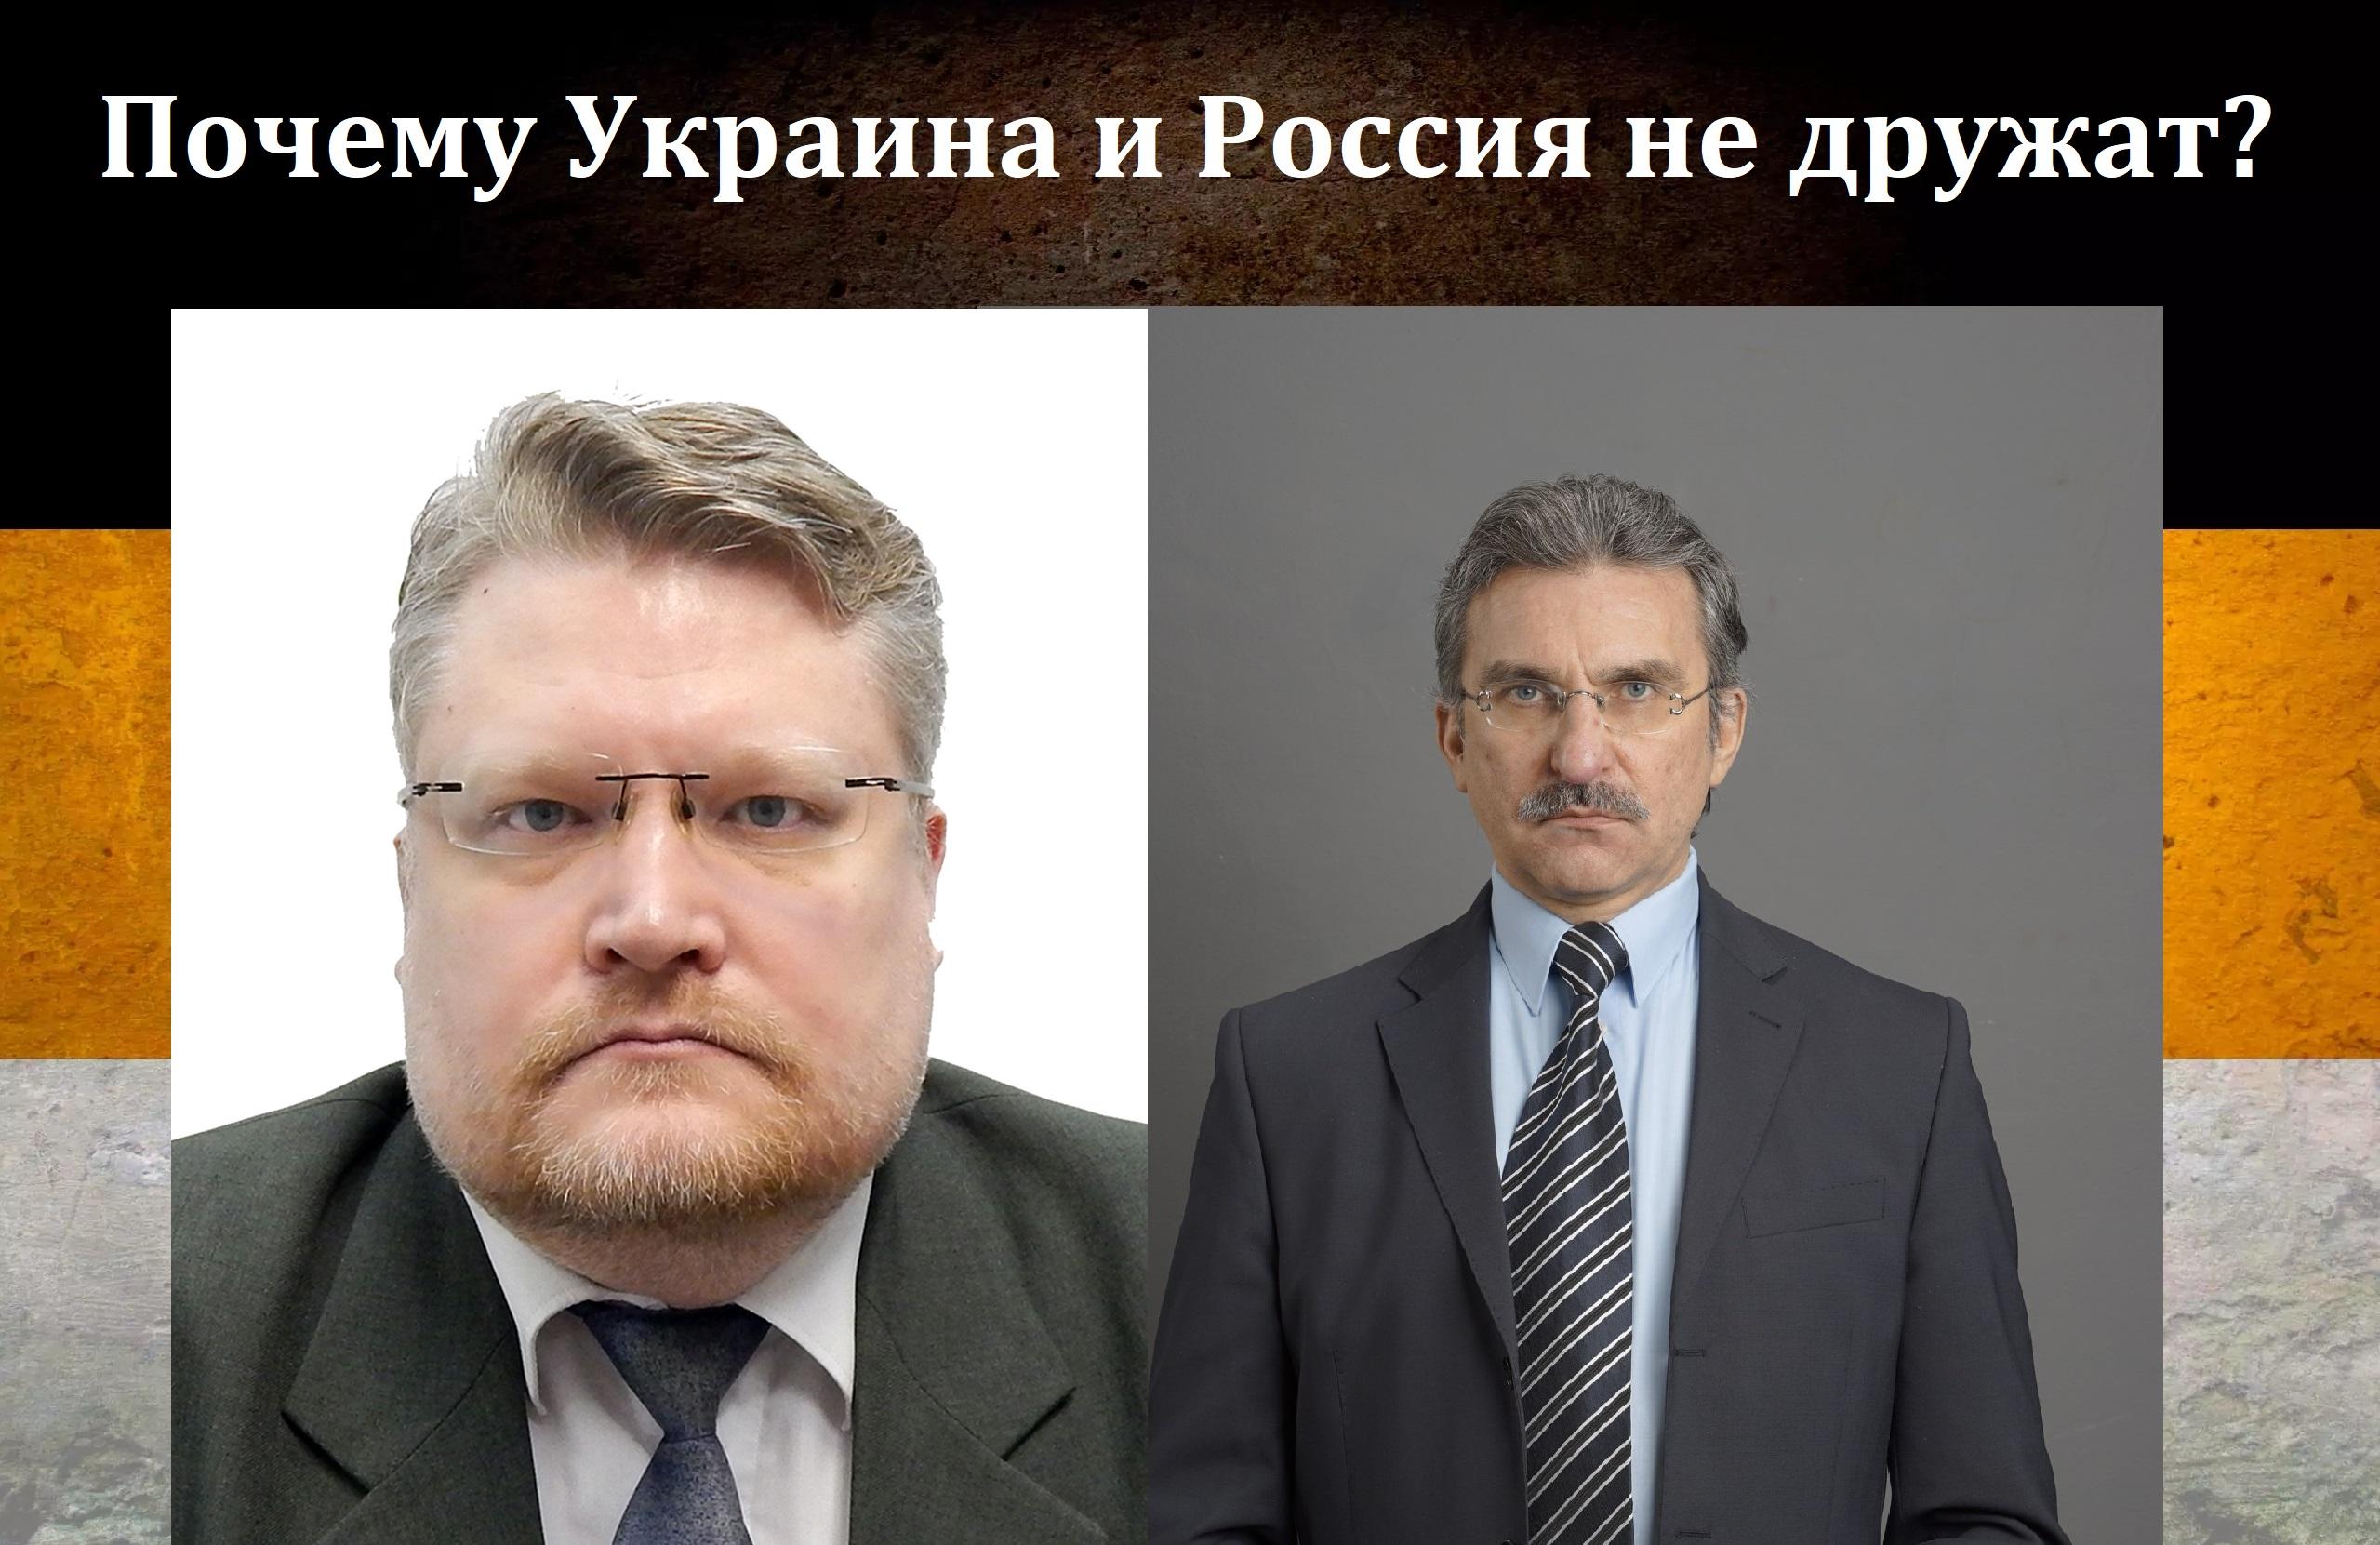 Почему Россия и Украина не дружат